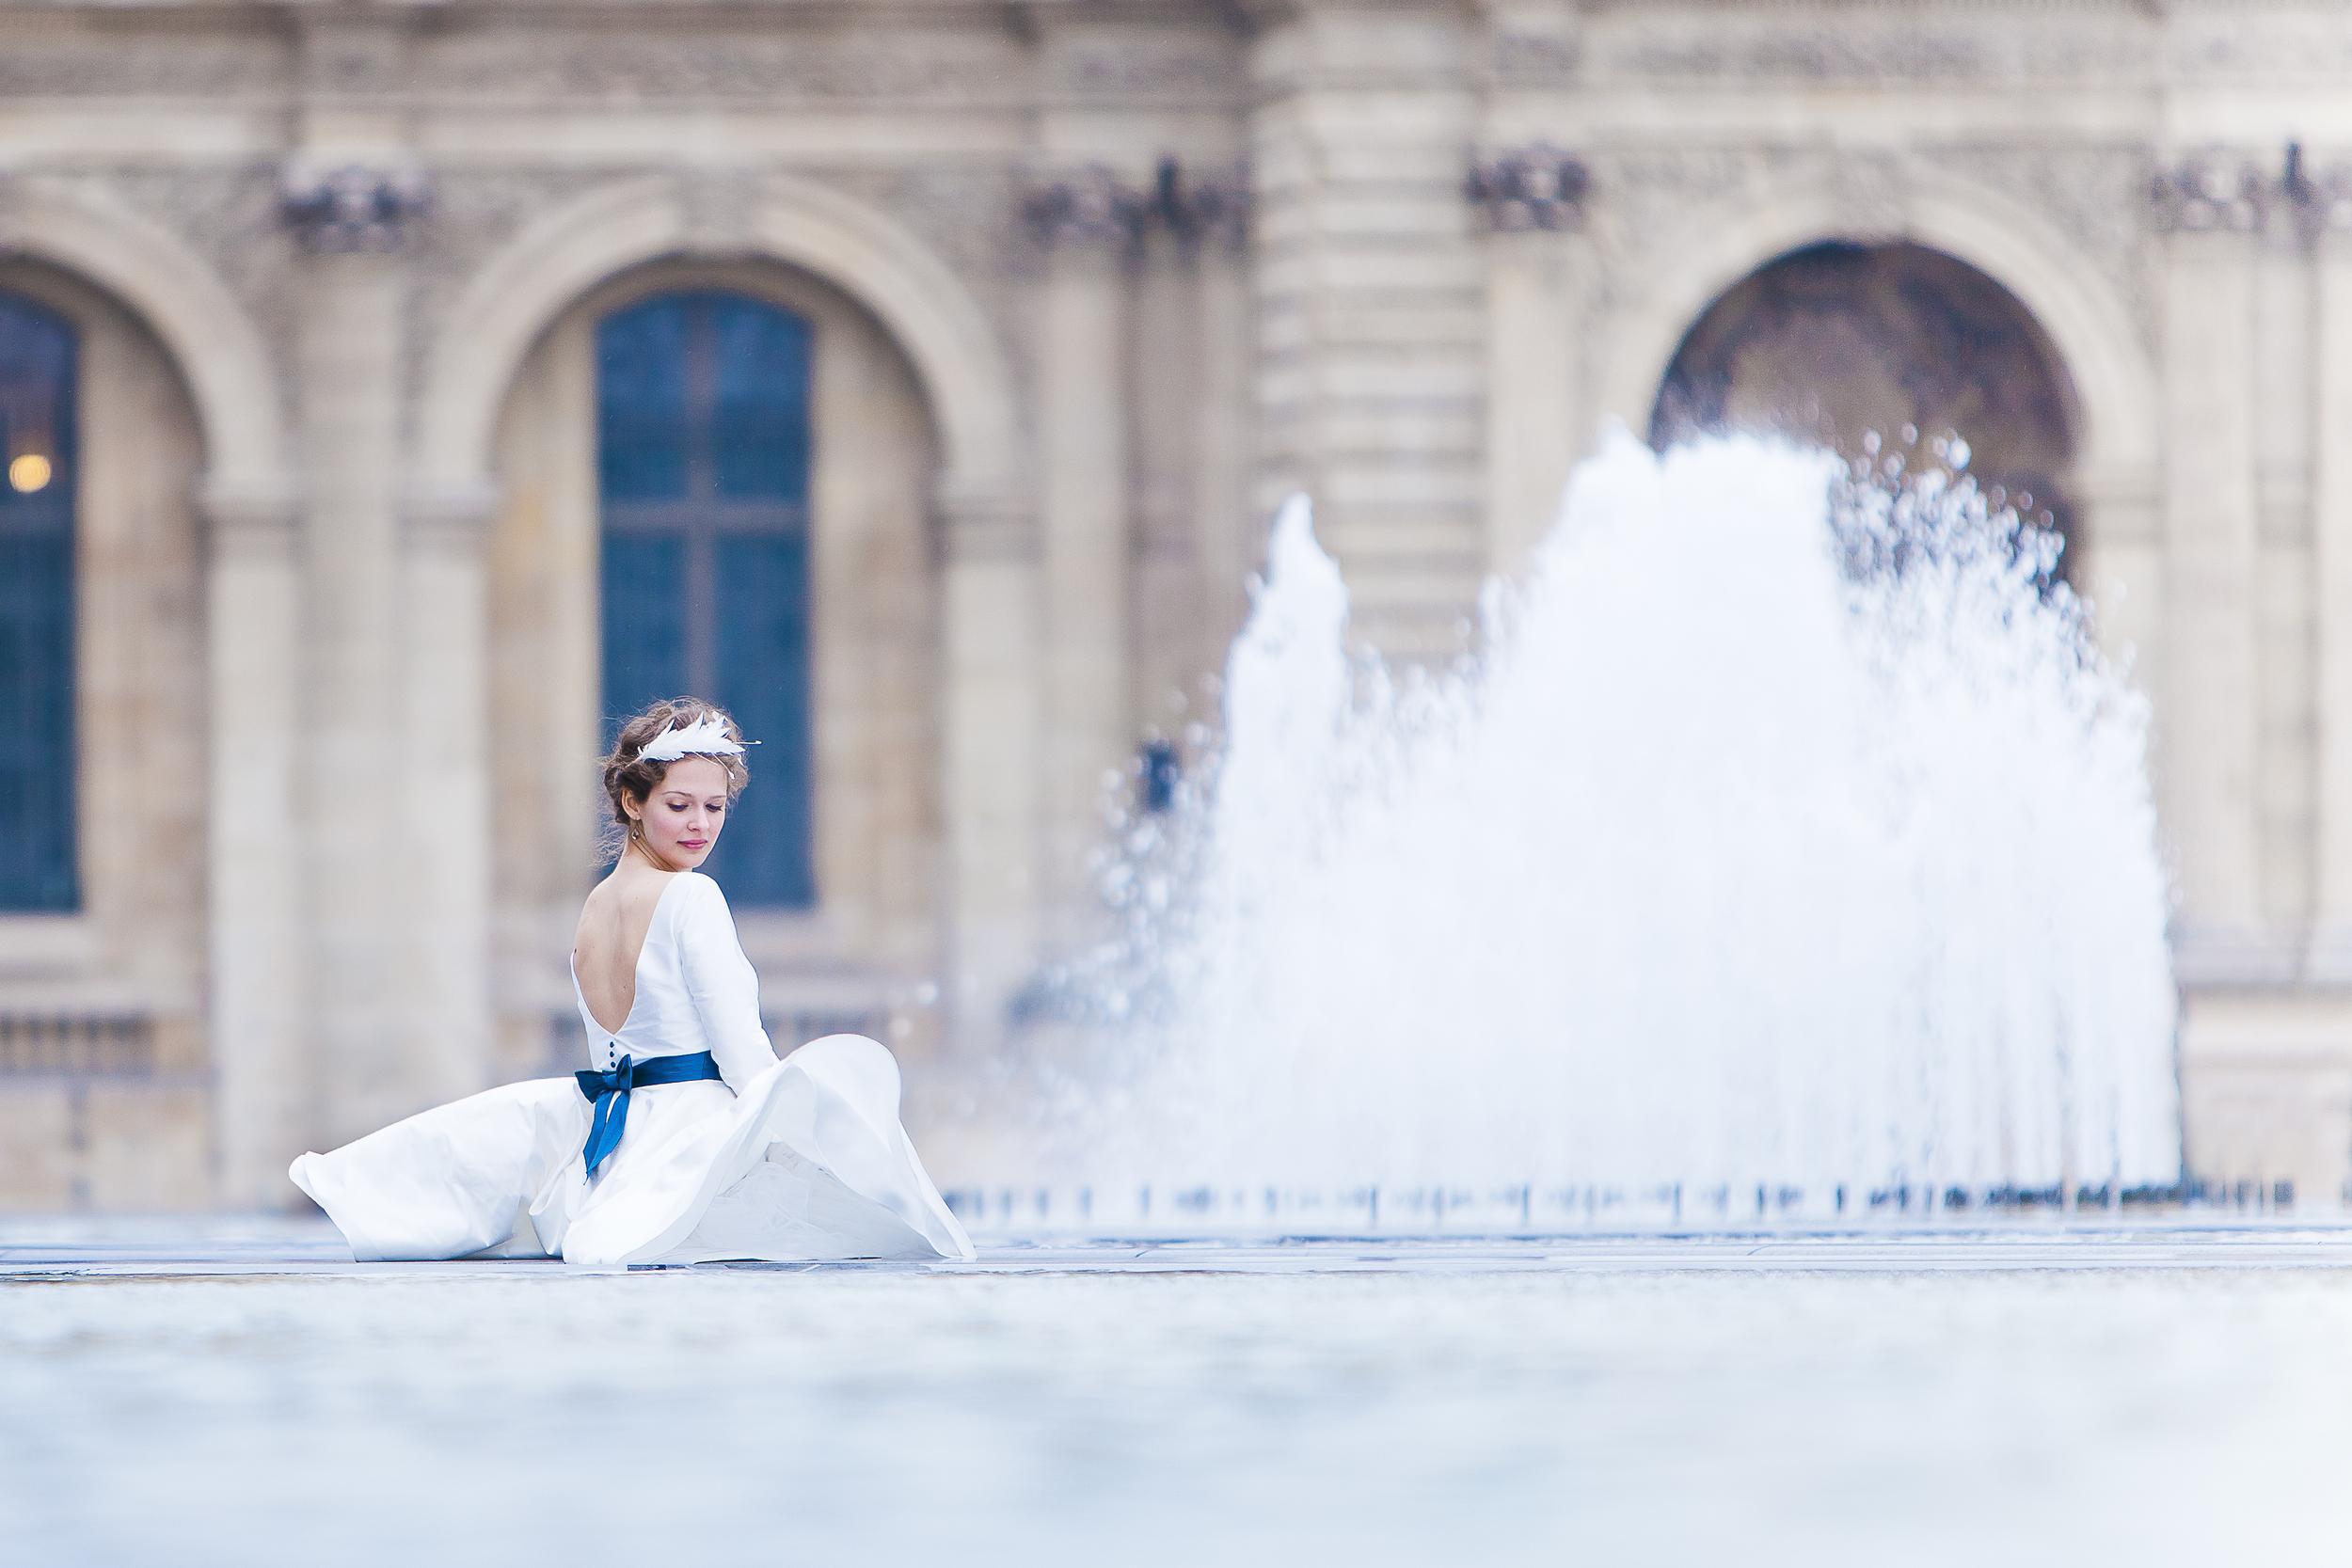 Diese Serie wurde im Weddingstyle Magazin und im Hochzeitswahn + Frieda Theres veröffentlicht.  Mode:  noni  | H&M: Lena Drees | Model: Ce´cile Schwarz | Ort: Paris